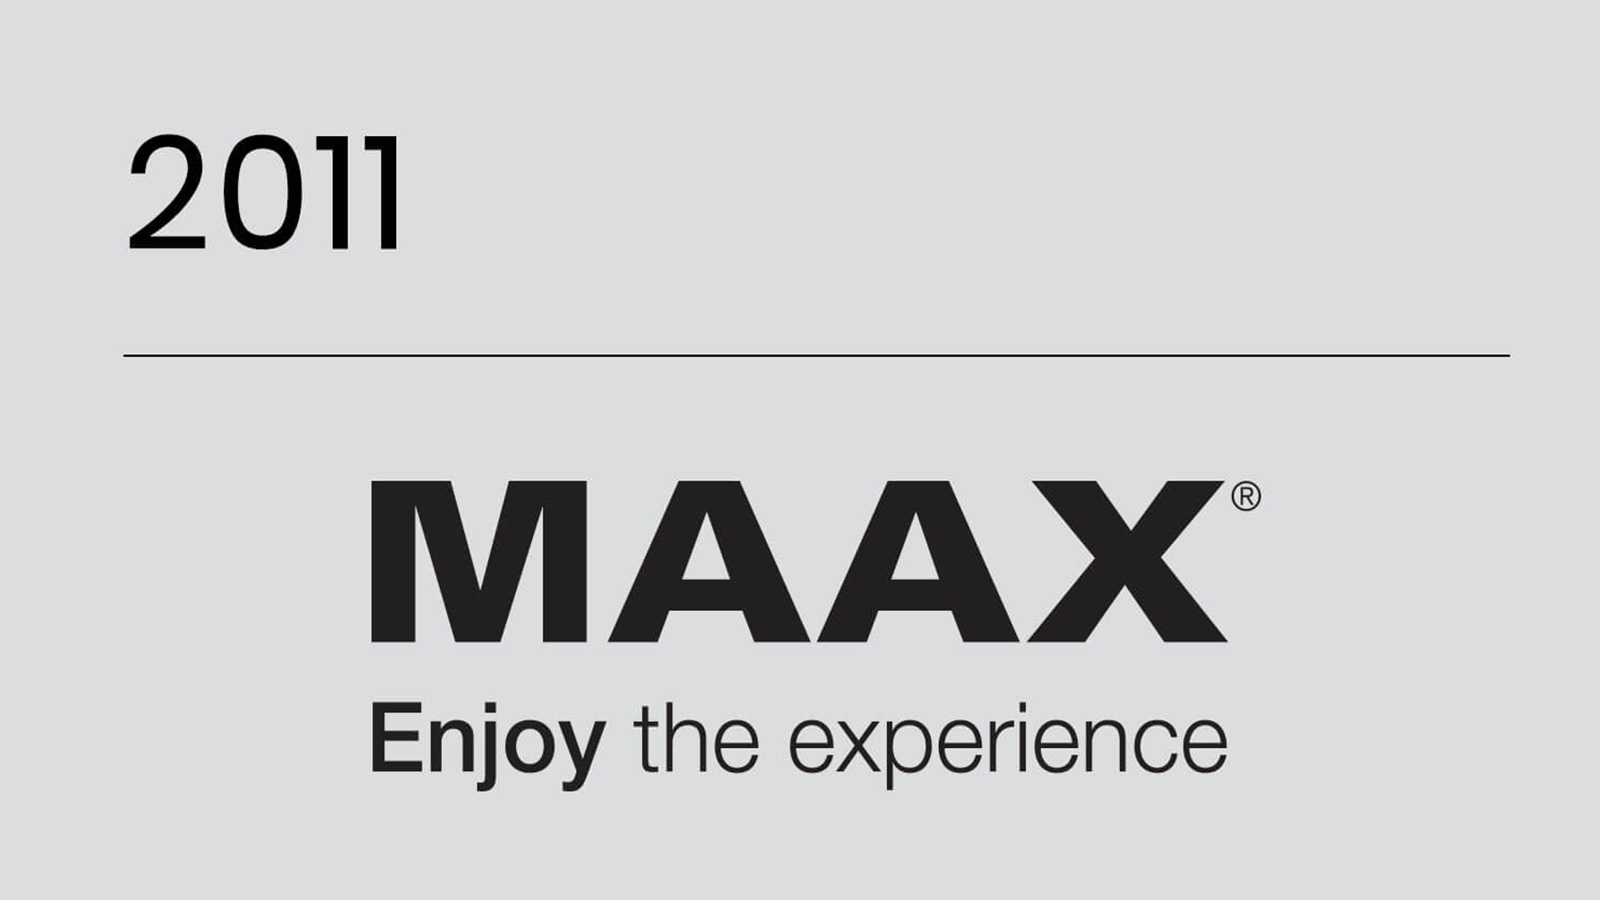 MAAX History 2011